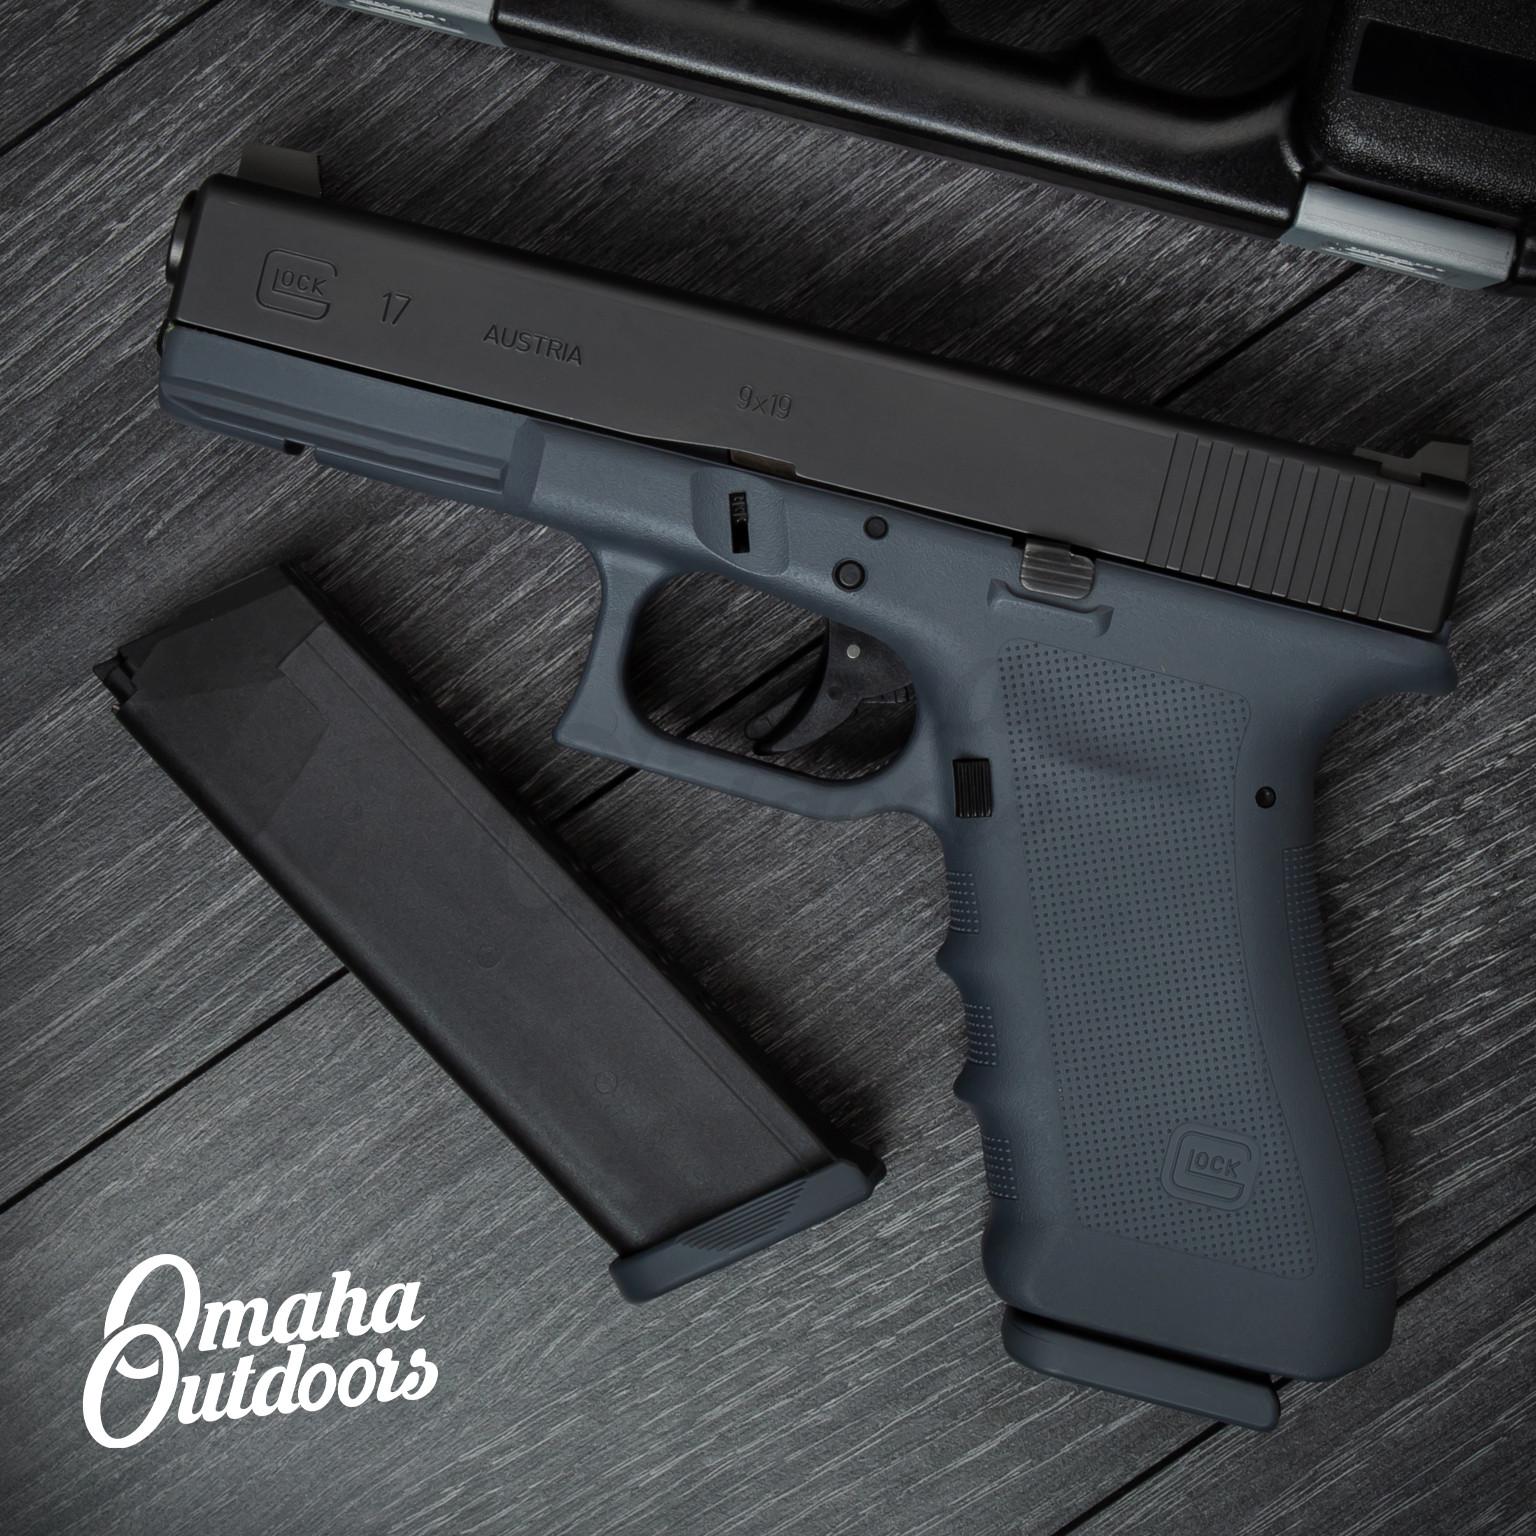 Glock 17 RTF2 Larry Vickers Gaston Gray Pistol 9mm 17 RD Front Night Sight  PT1750003DE-GGY